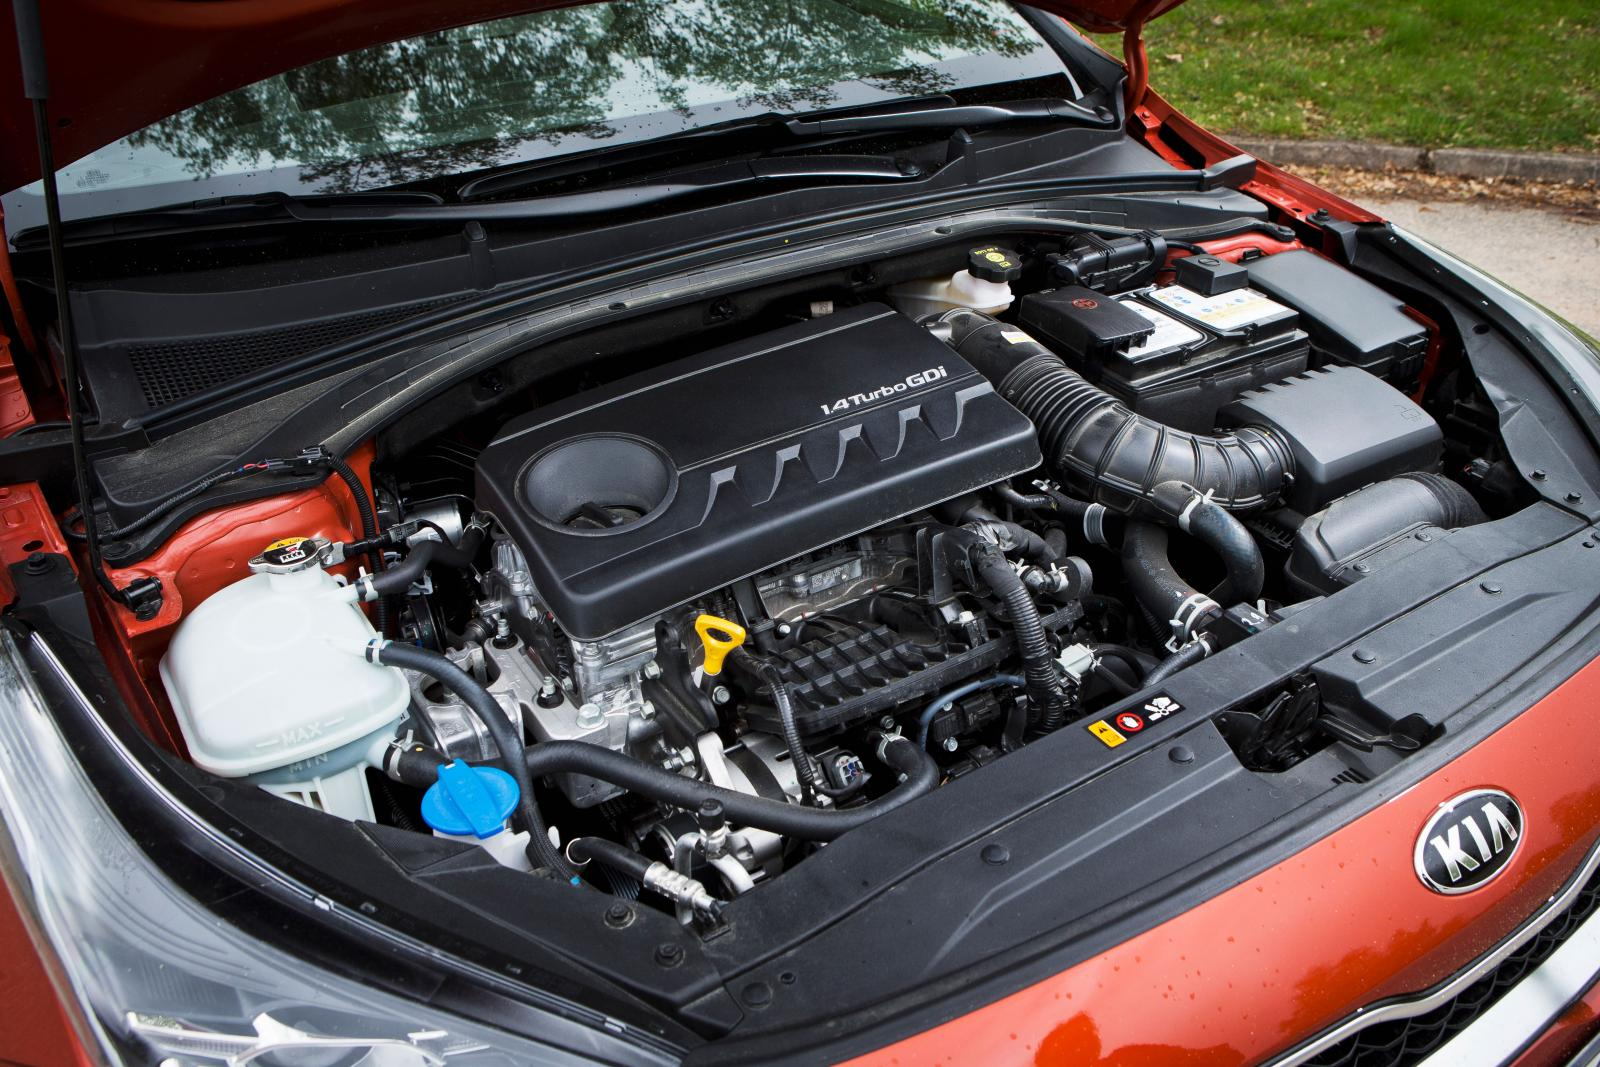 """I Kia """"lirade"""" samspelet mellan motor och den sjuväxlade dubbelkopplingslådan bättre. Närmast identiska fartresurser med i30 men högre förbrukning."""